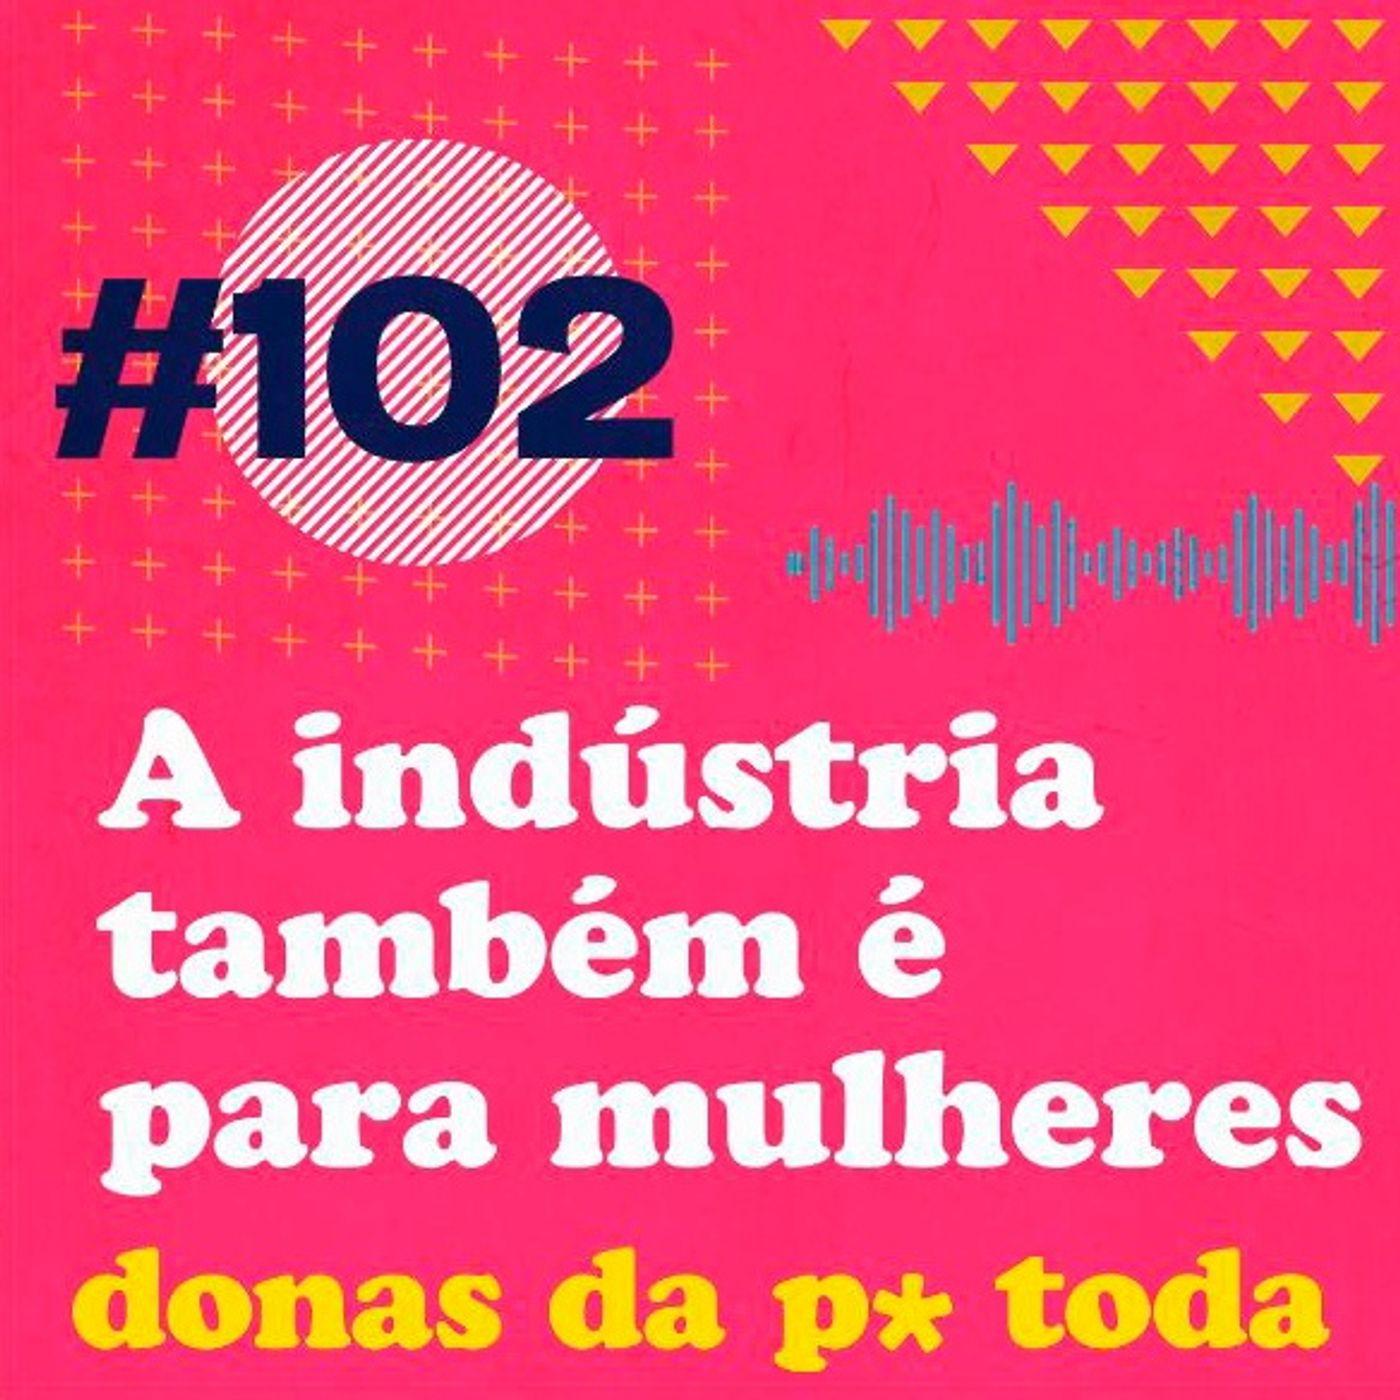 #102 - Mulheres na indústria: este também é um espaço para elas